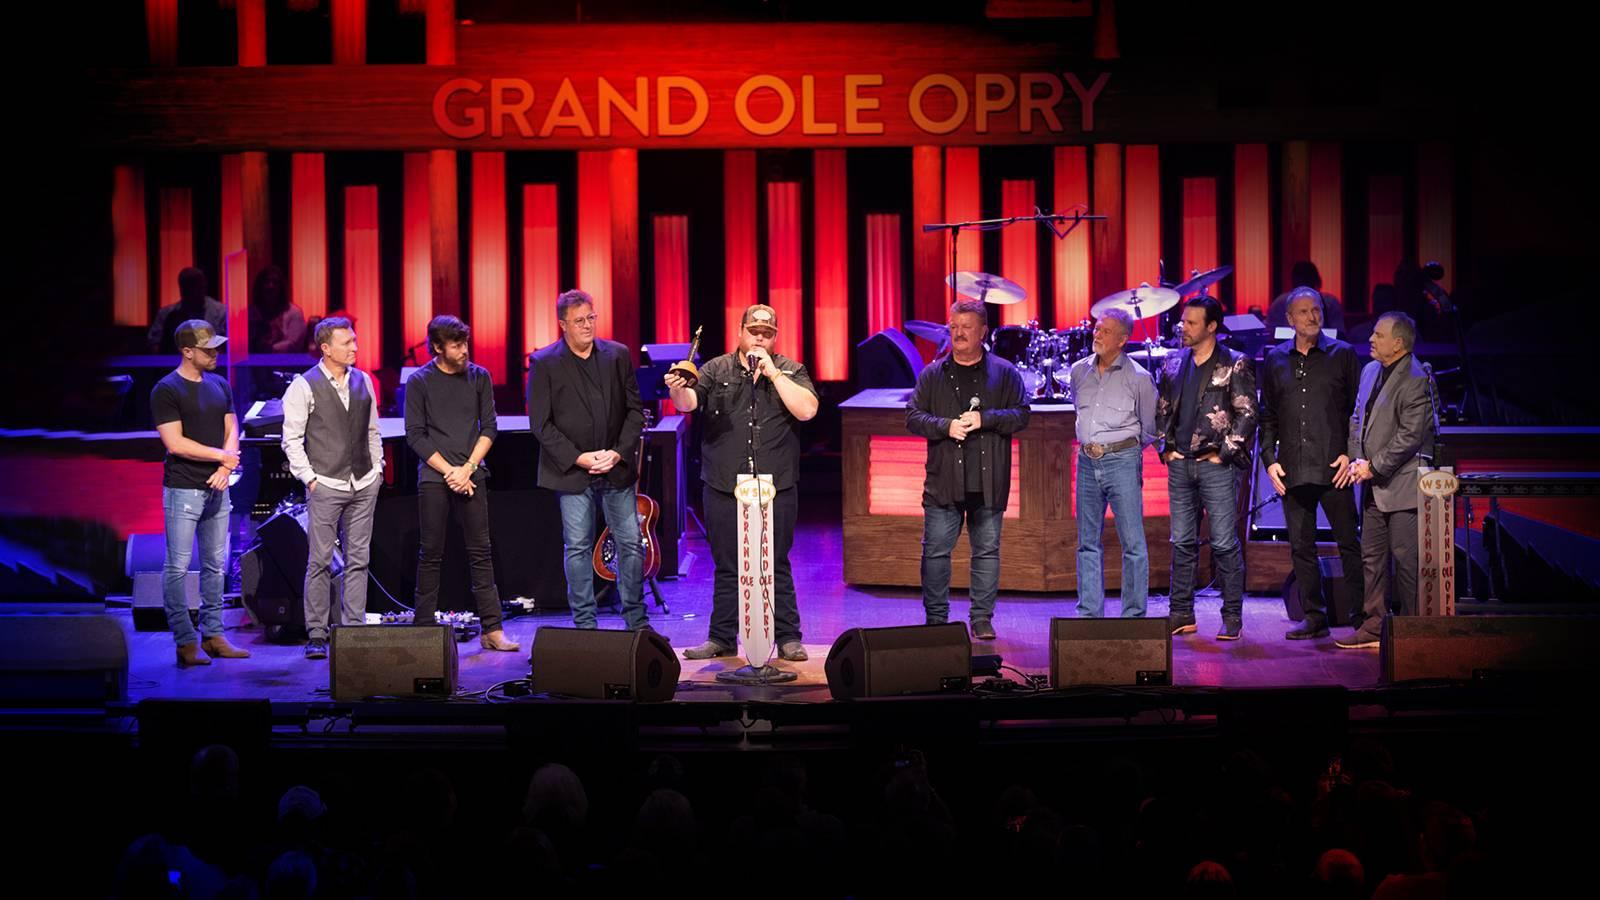 Grand Ole Opry - Dustin Lynch